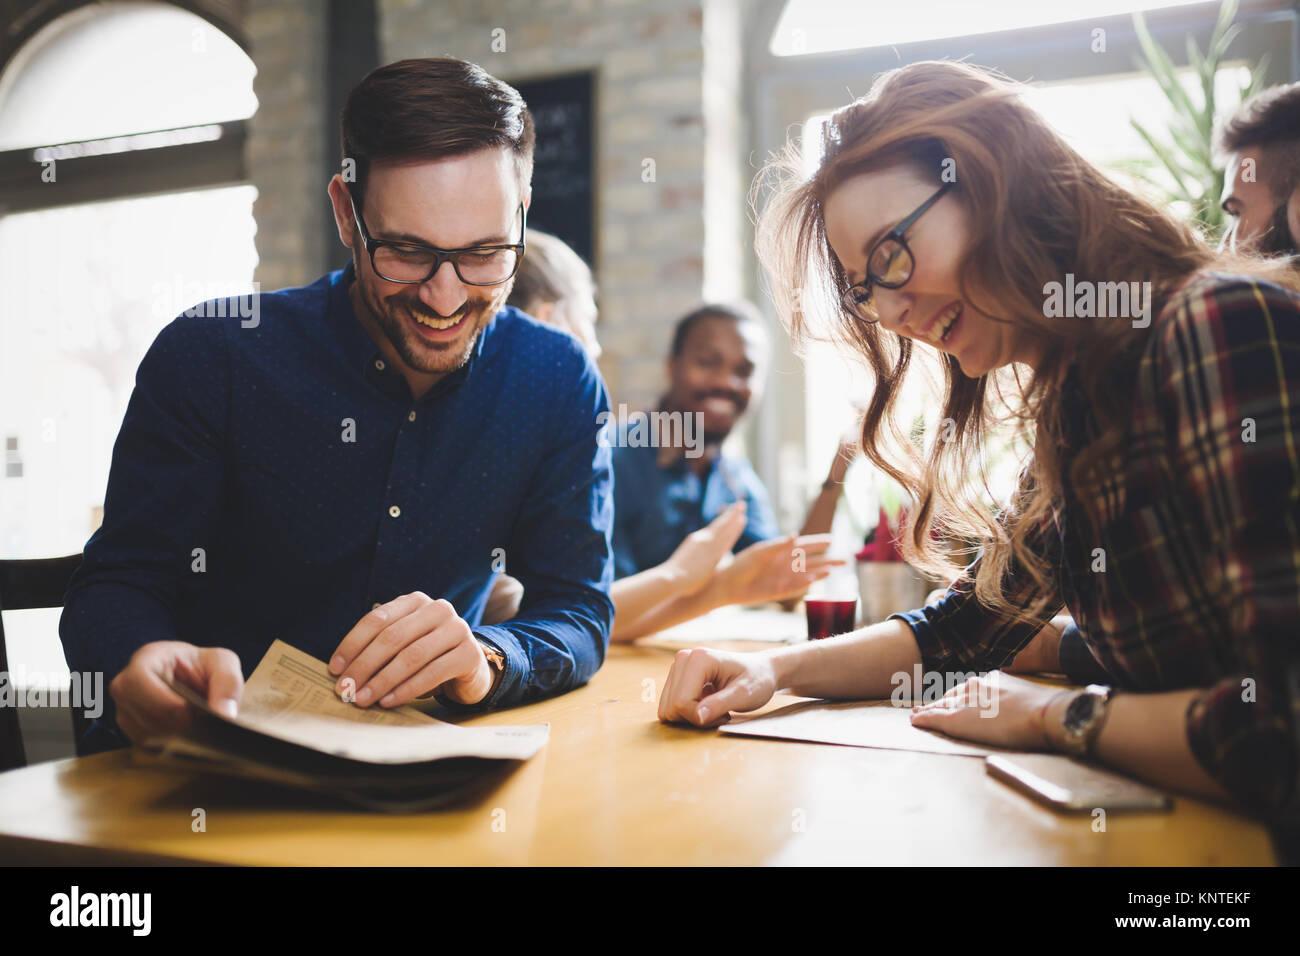 El coqueteo compañeros comer fuera y dating en restaurante. Imagen De Stock